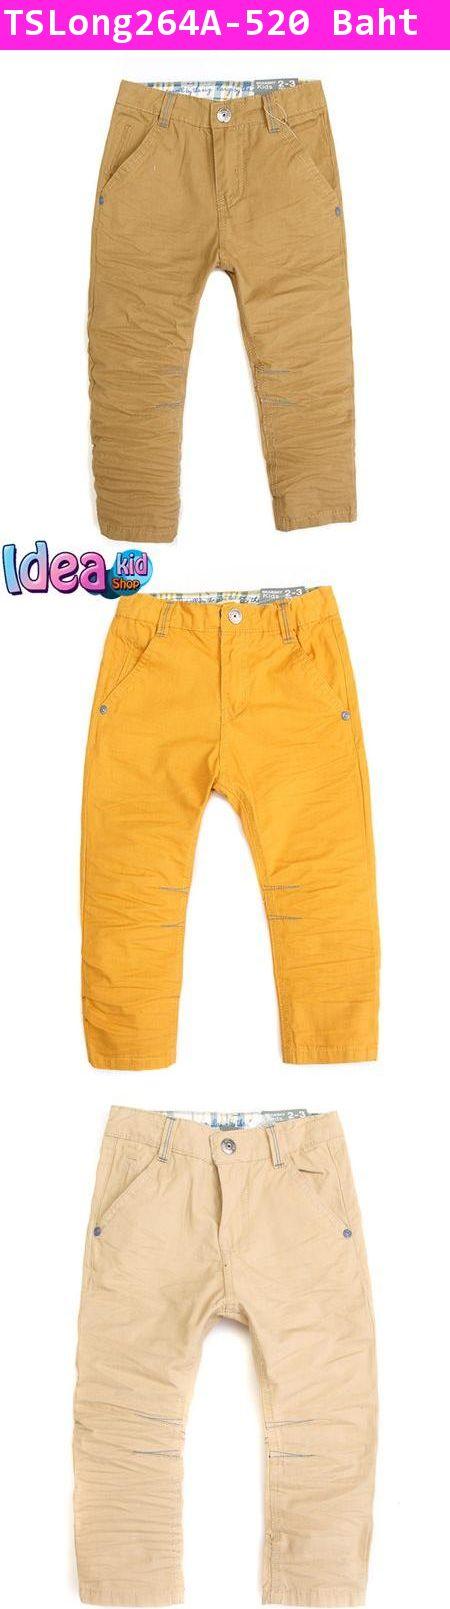 กางเกงขายาว Since 1975 สีน้ำตาล